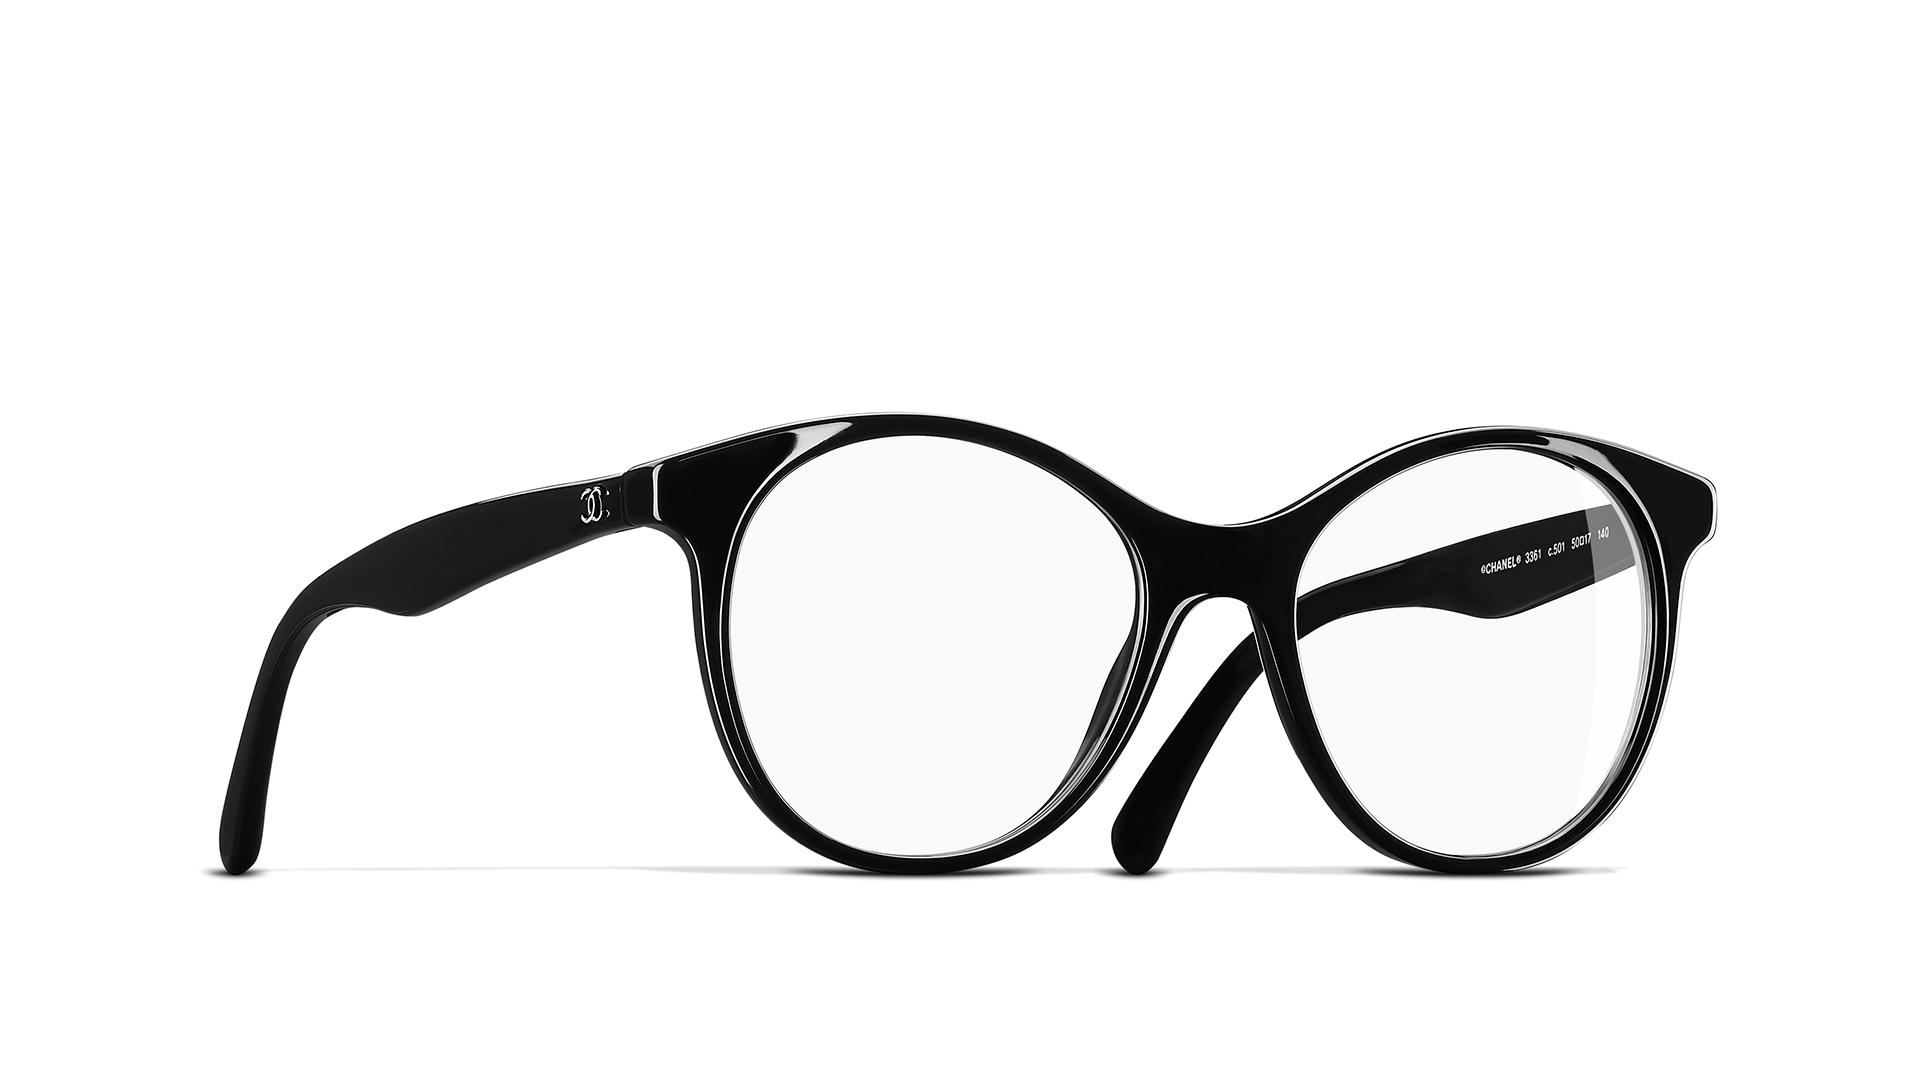 Chanel ⇒ Exklusive Brillen & Sonnenbrillen Modelle bestellen   Optoline